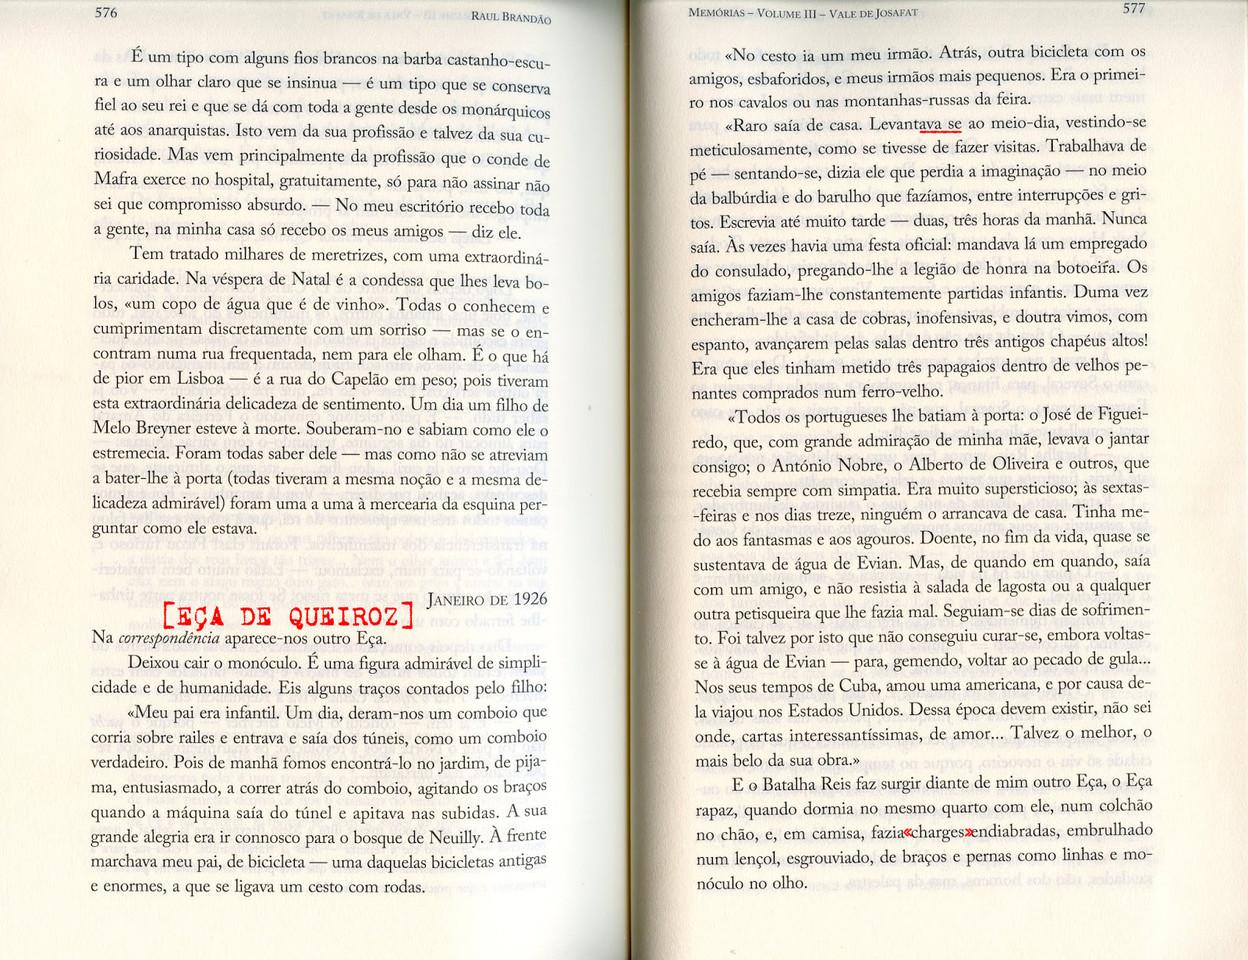 Raul Brandão, «Memórias», Quetzal, 2017, pp. 576-577.